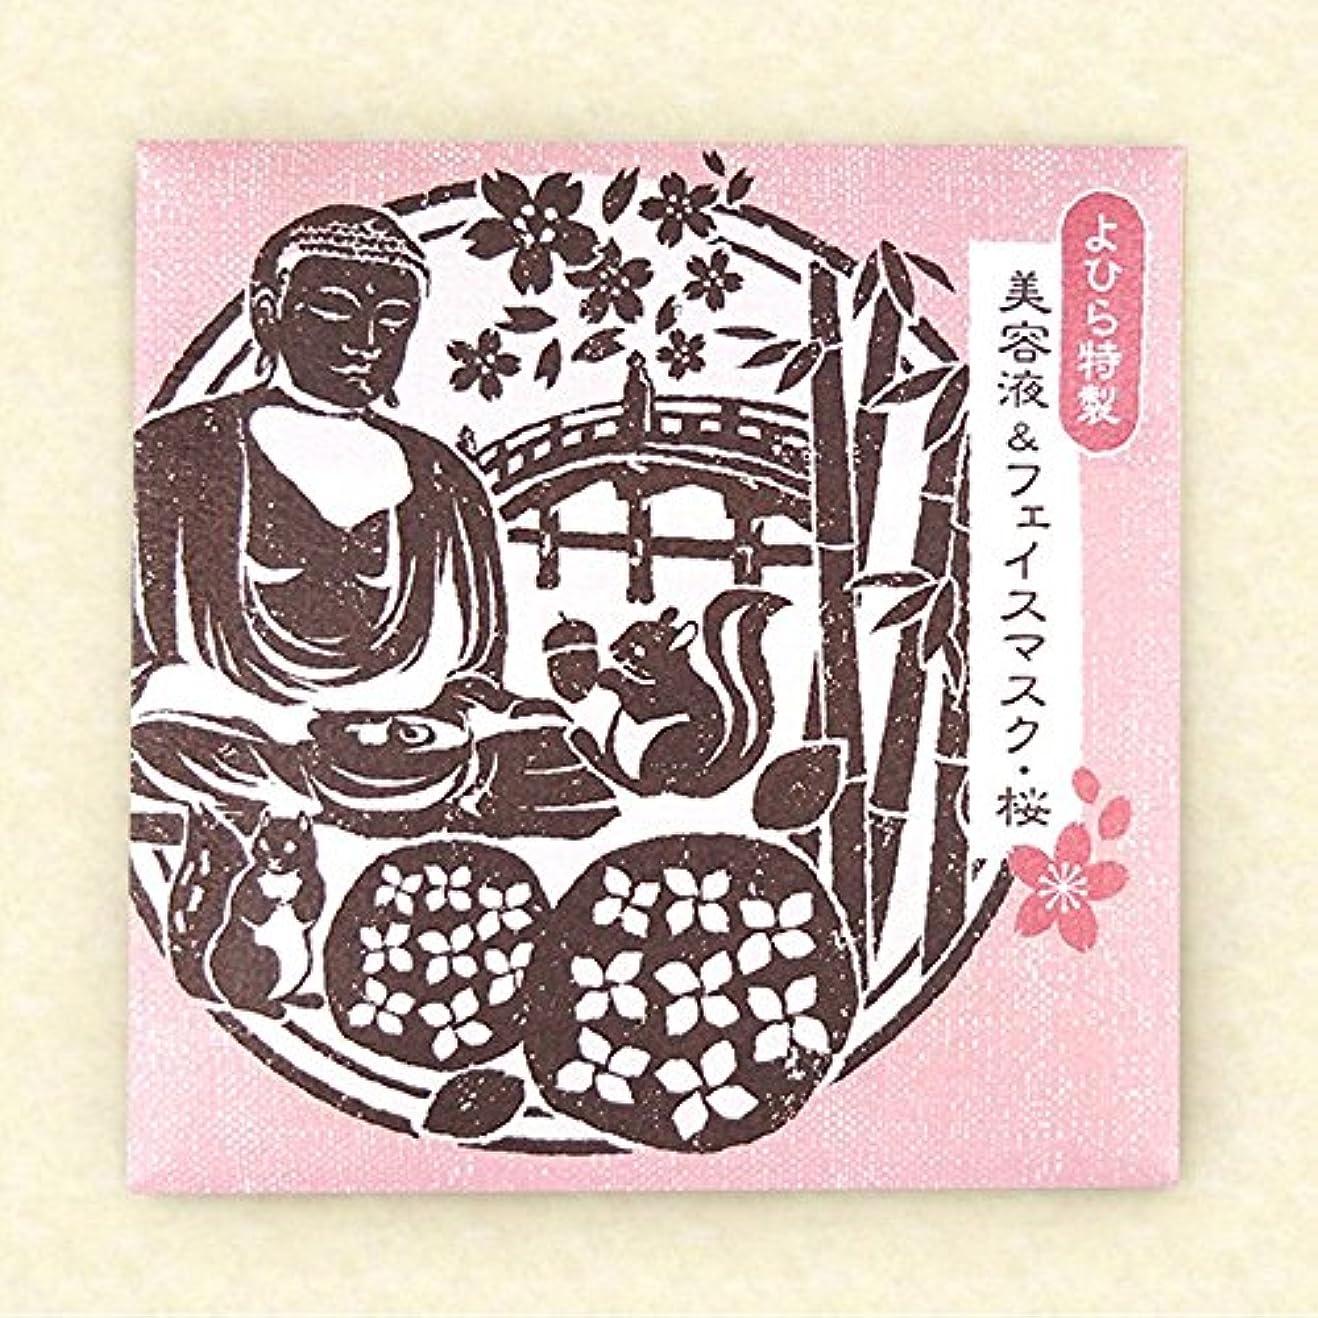 サーバントたとえ現実木版「長谷」 桜の美容液&浸透シートマスク